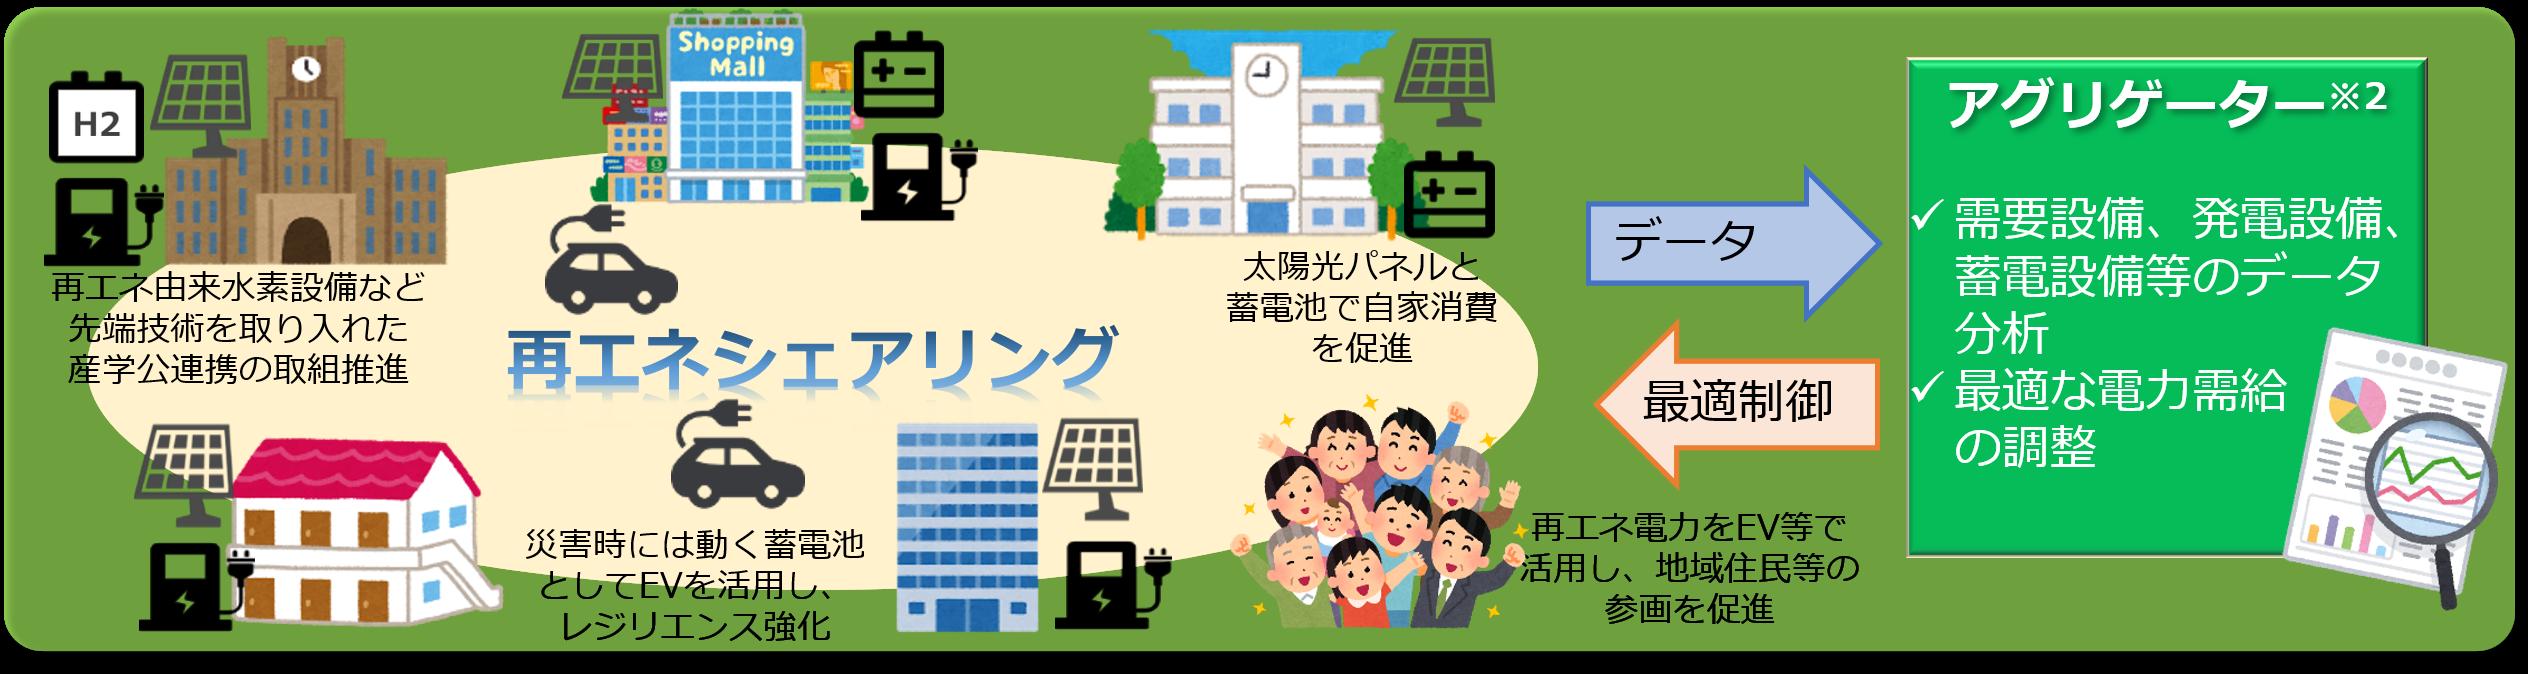 地域における再エネシェアリングモデル実践プロジェクト【環境局】のイメージ